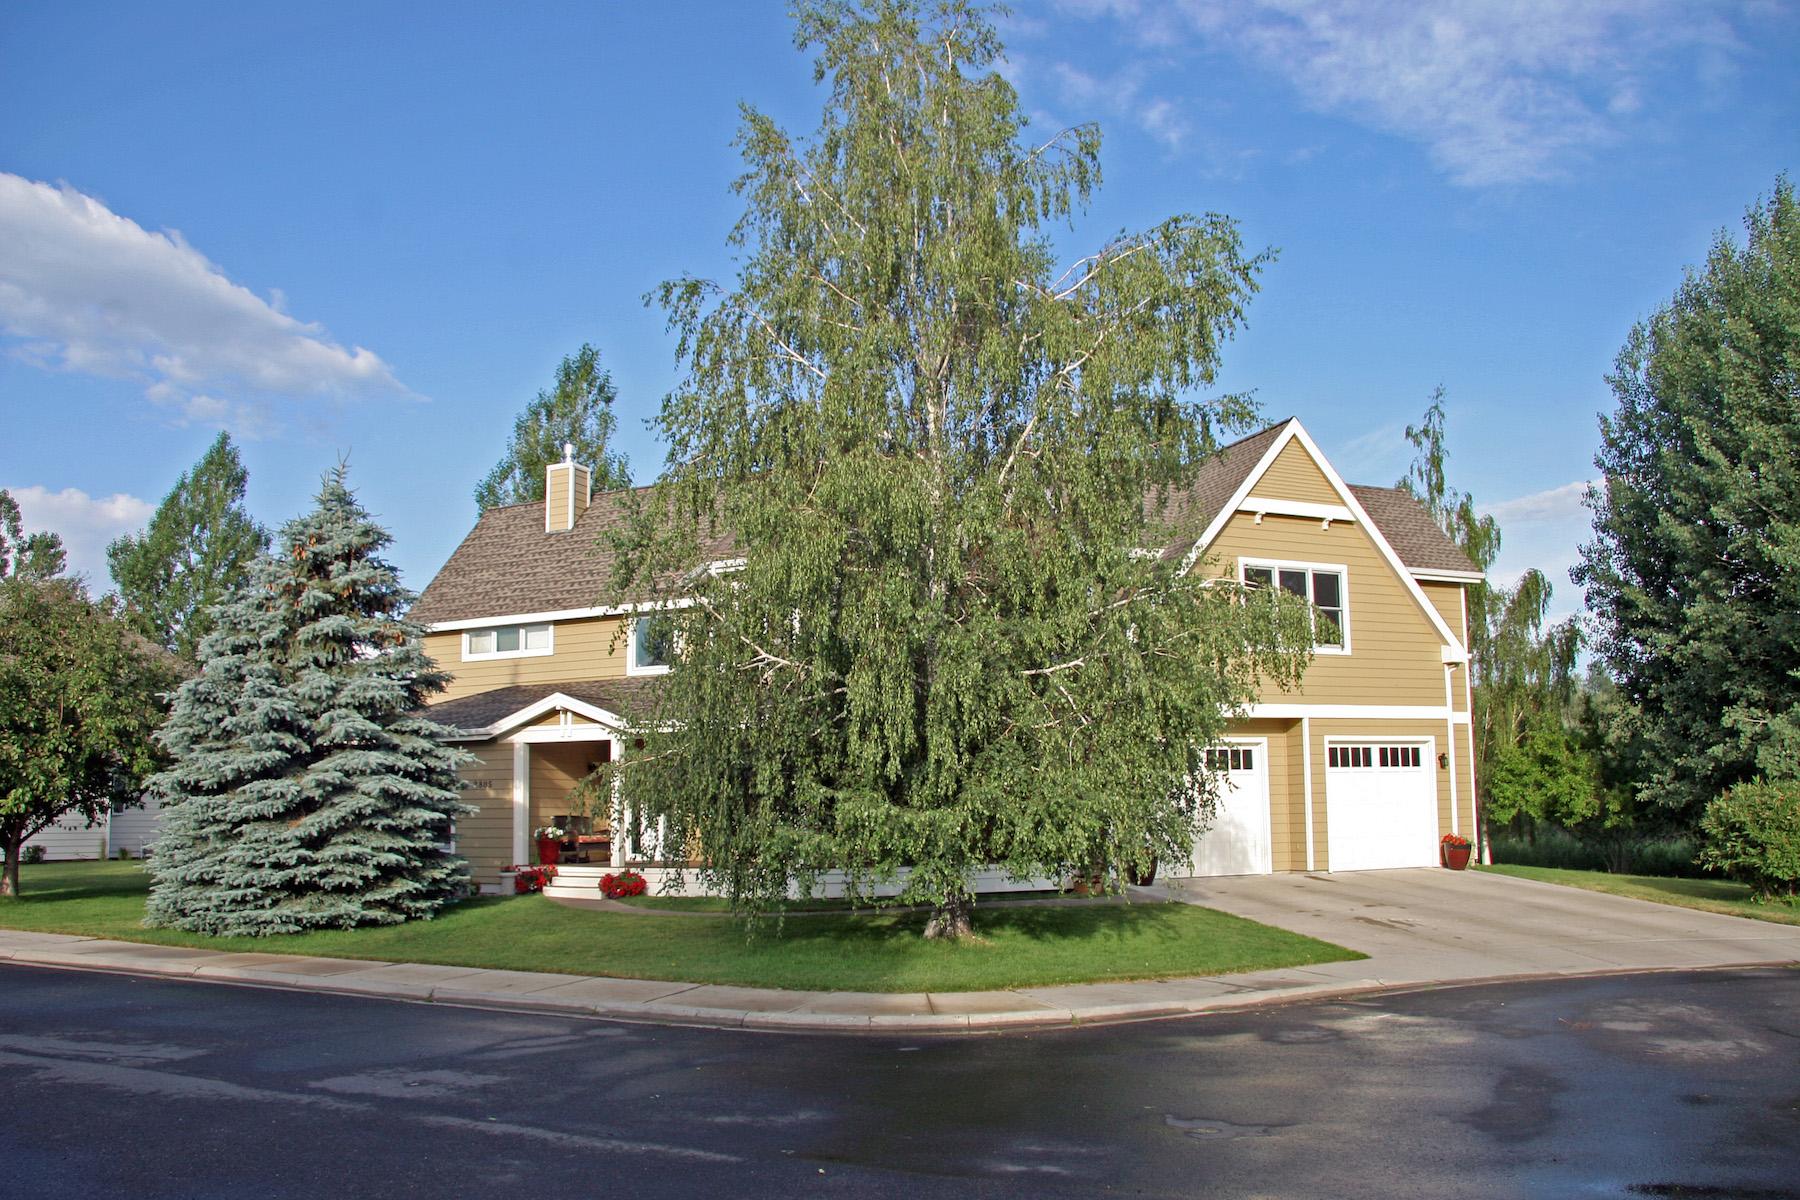 一戸建て のために 売買 アット 2805 Spring Meadows Dr. 2805 Spring Meadows Drive Bozeman, モンタナ 59715 アメリカ合衆国